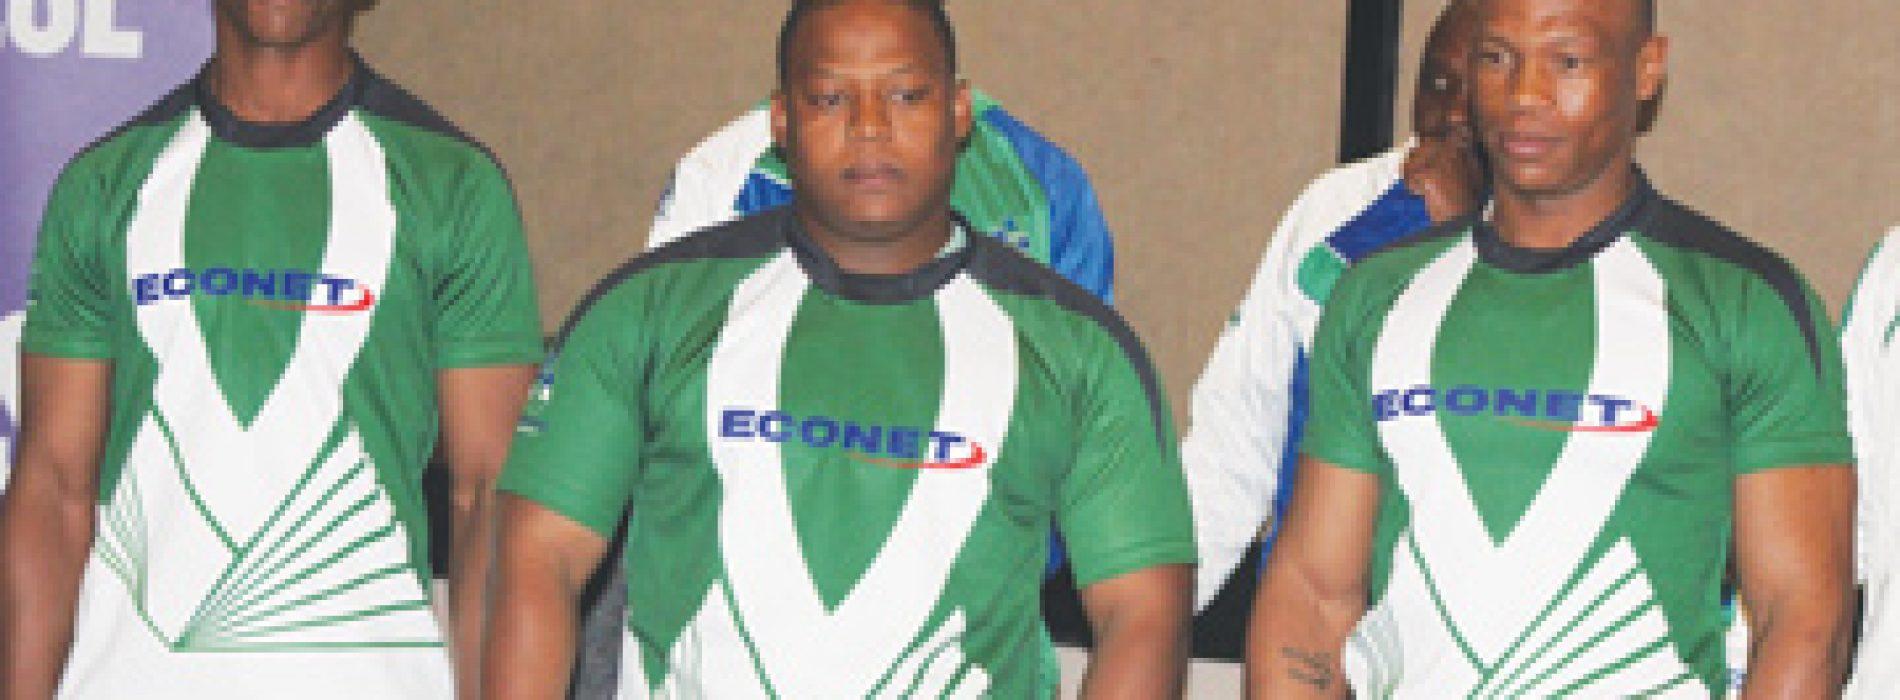 Likatola off to Zambia